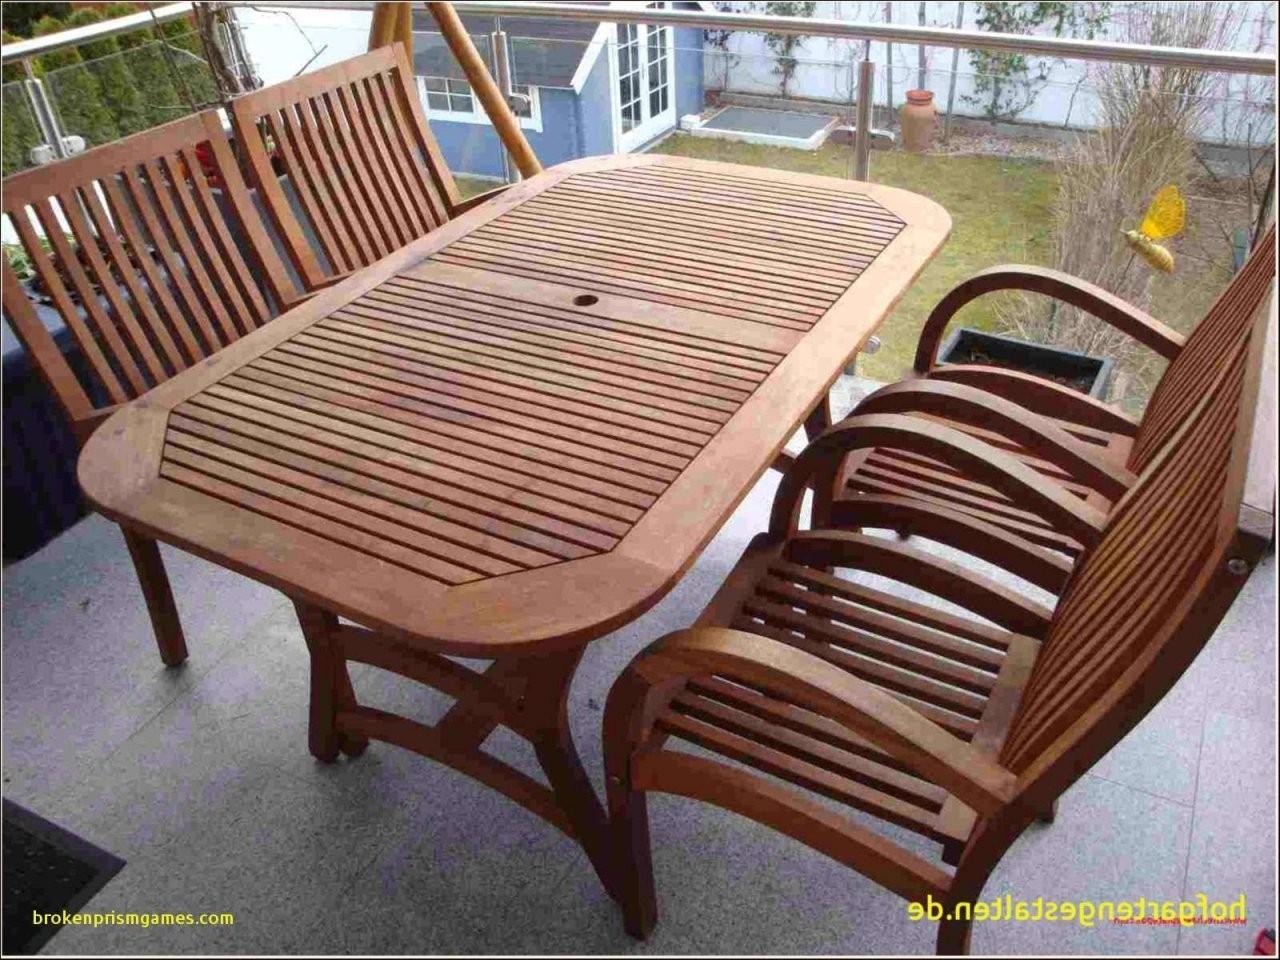 Gartenmöbel Selber Bauen Designideen Von Bauholz Möbel Garten von Möbel Aus Bauholz Selber Bauen Photo